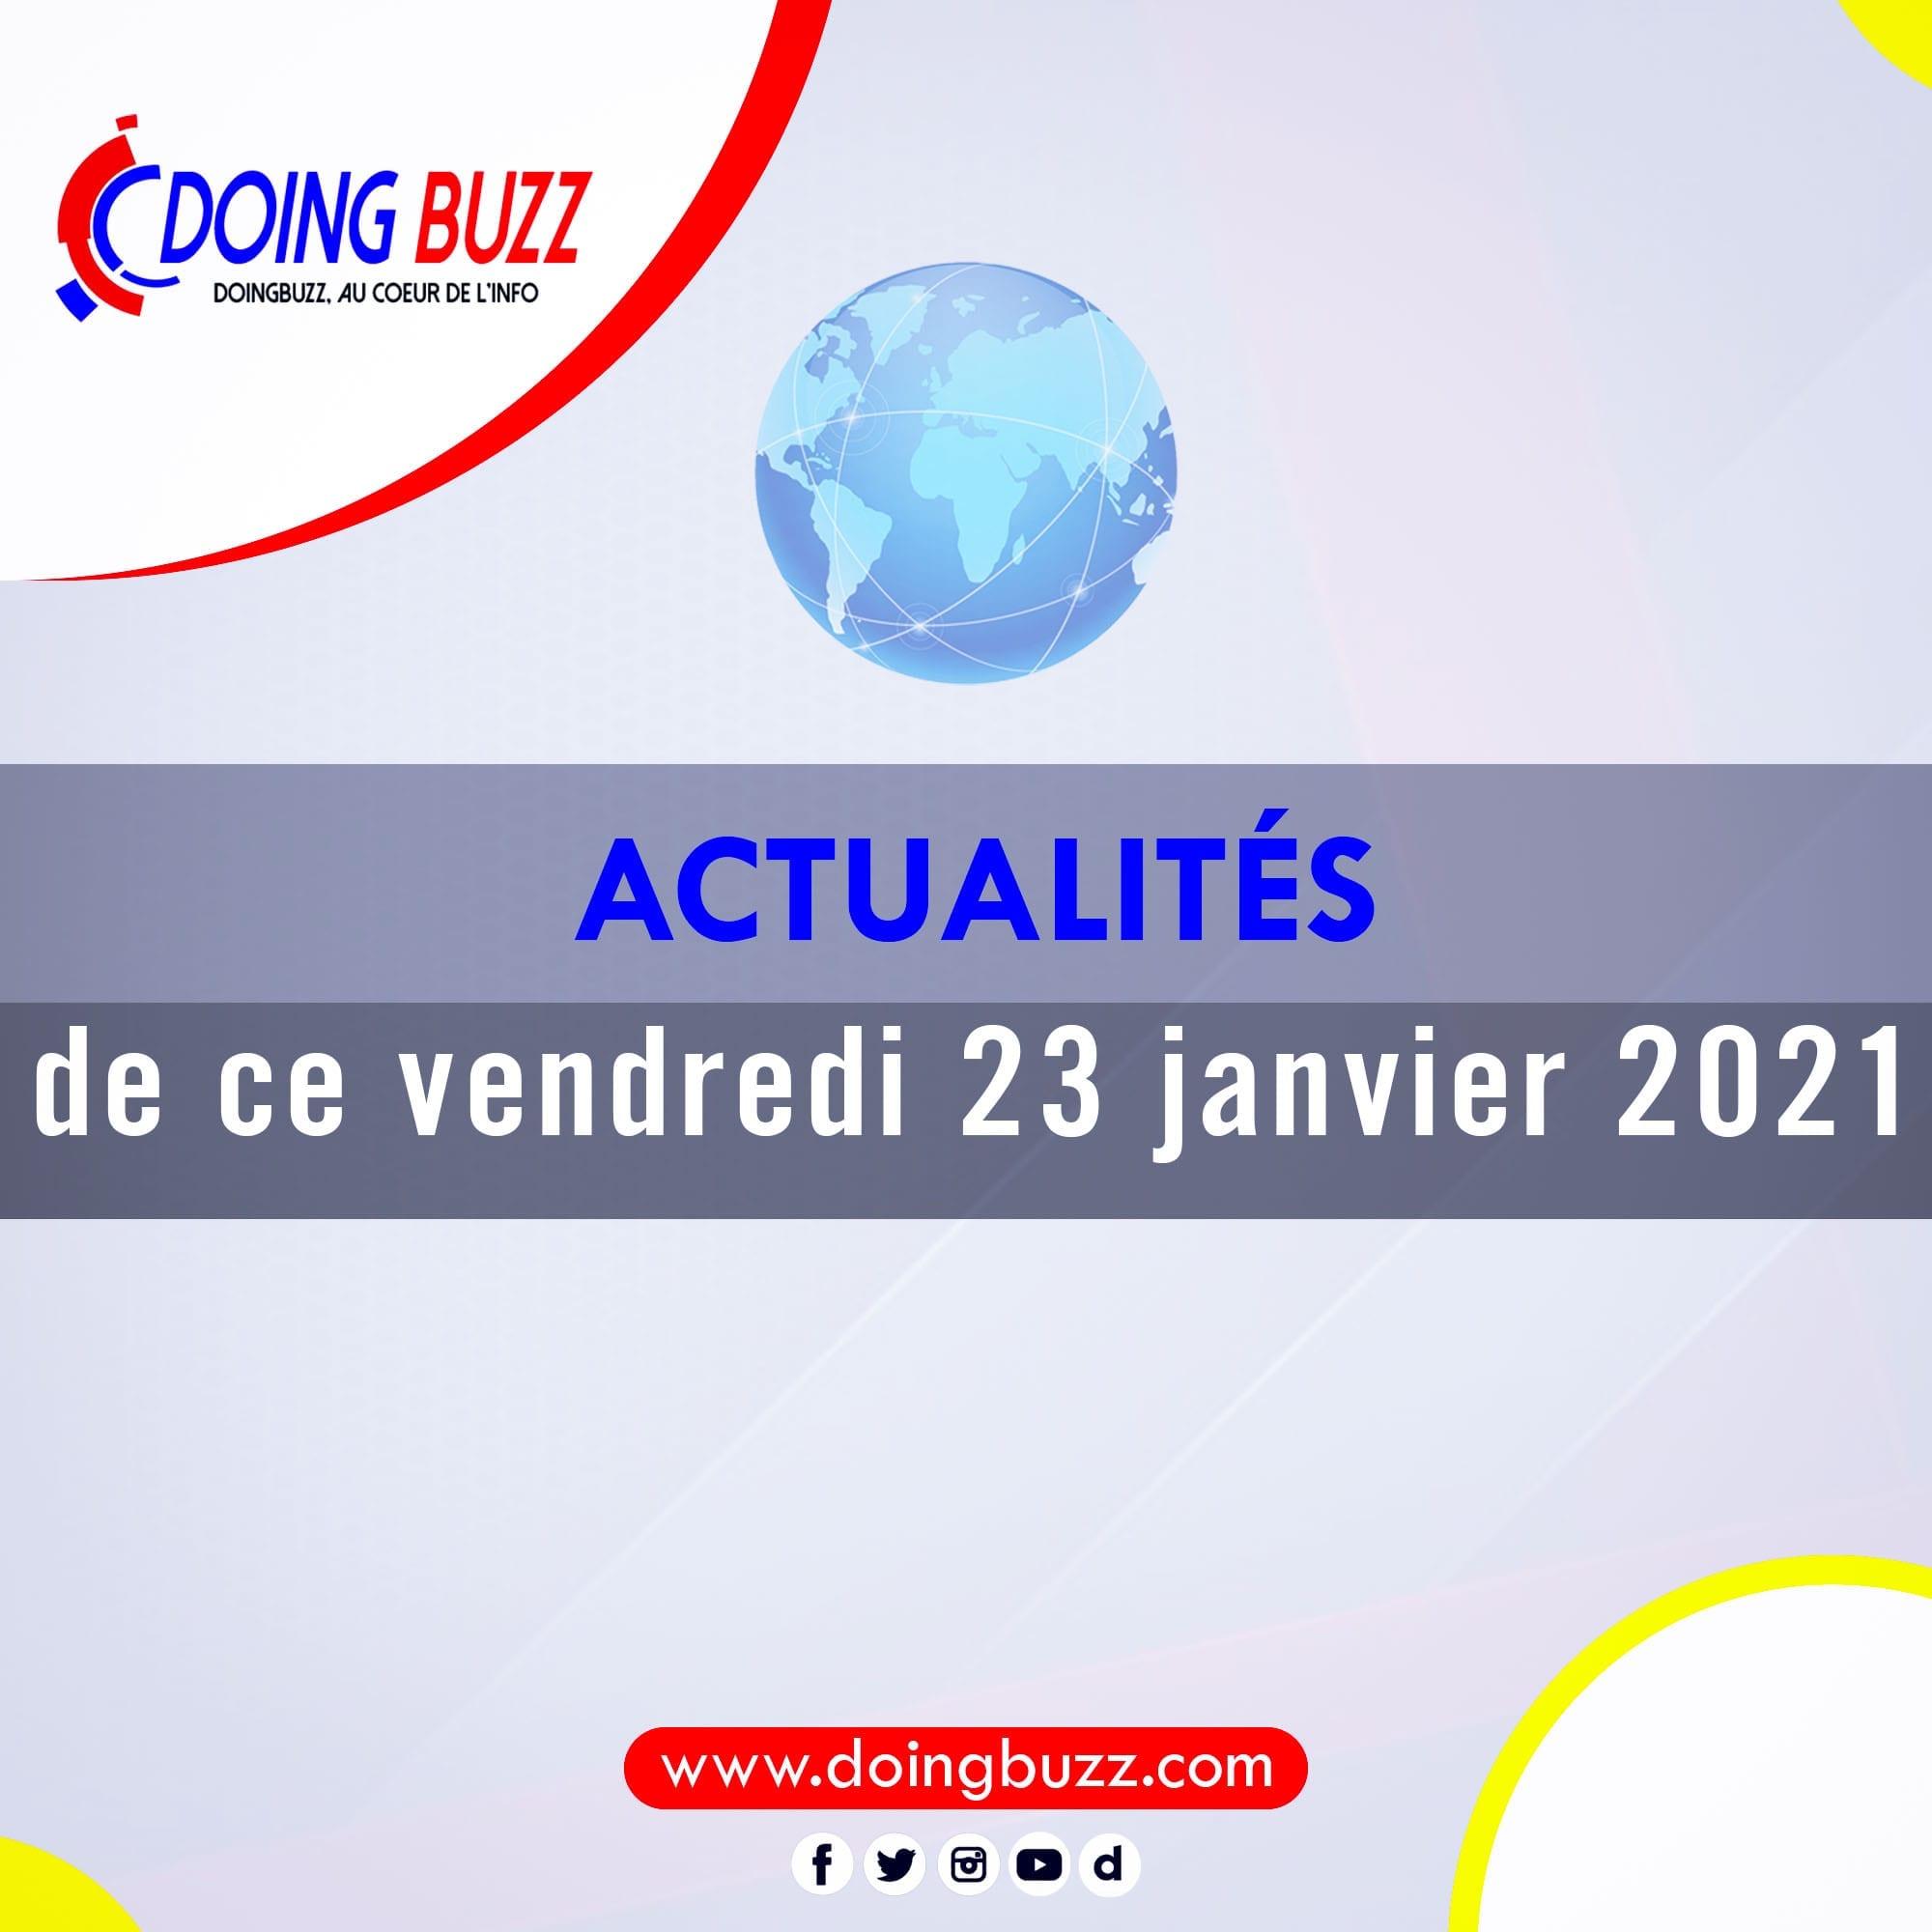 Actualités du jour sur Doingbuzz: Vendredi le 22 Janvier 2021